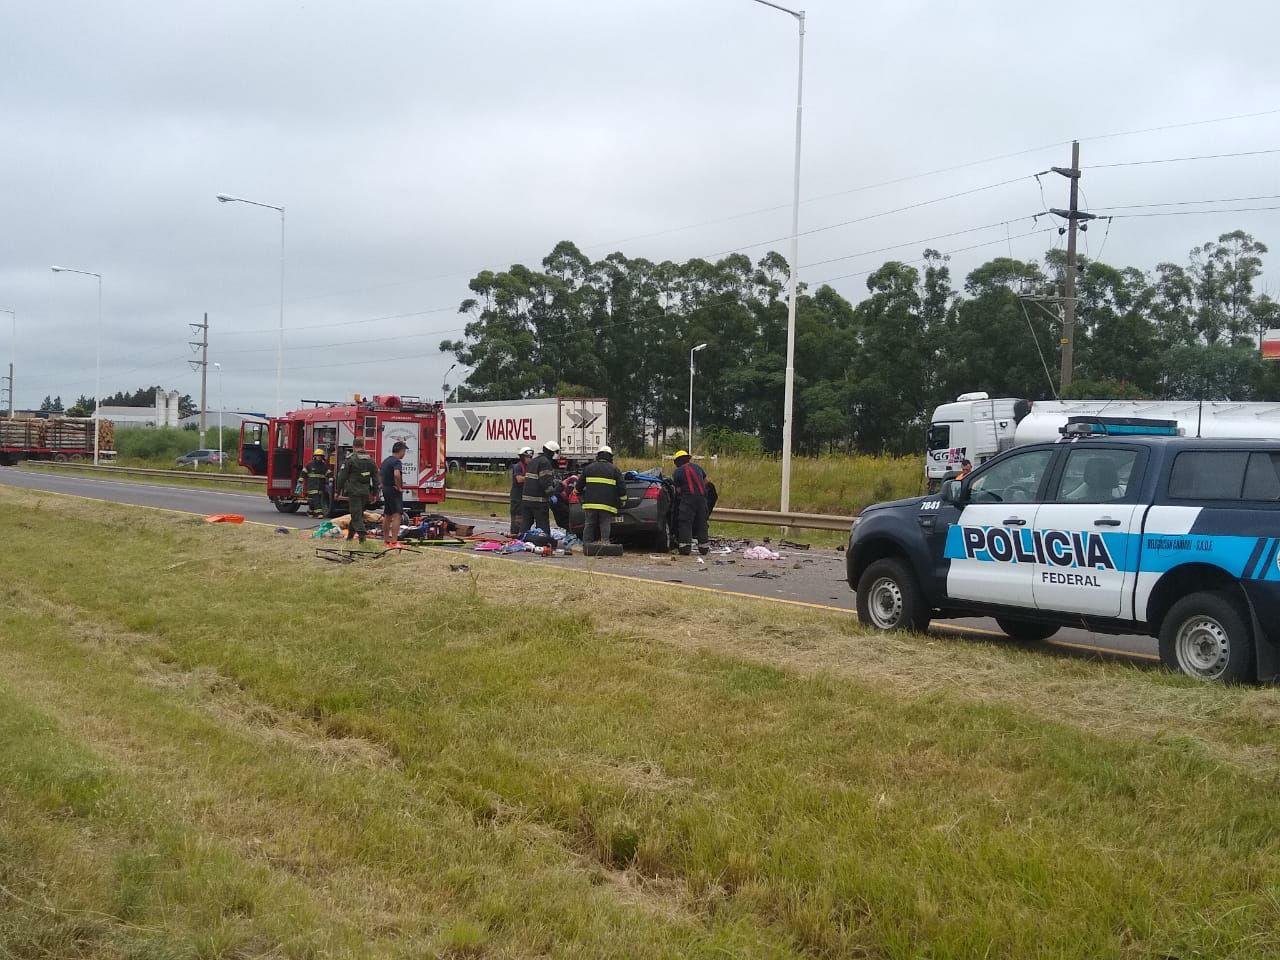 Otra vista del operativo policial montado en el lugar de la tragedia (foto: La Fusta Digital).